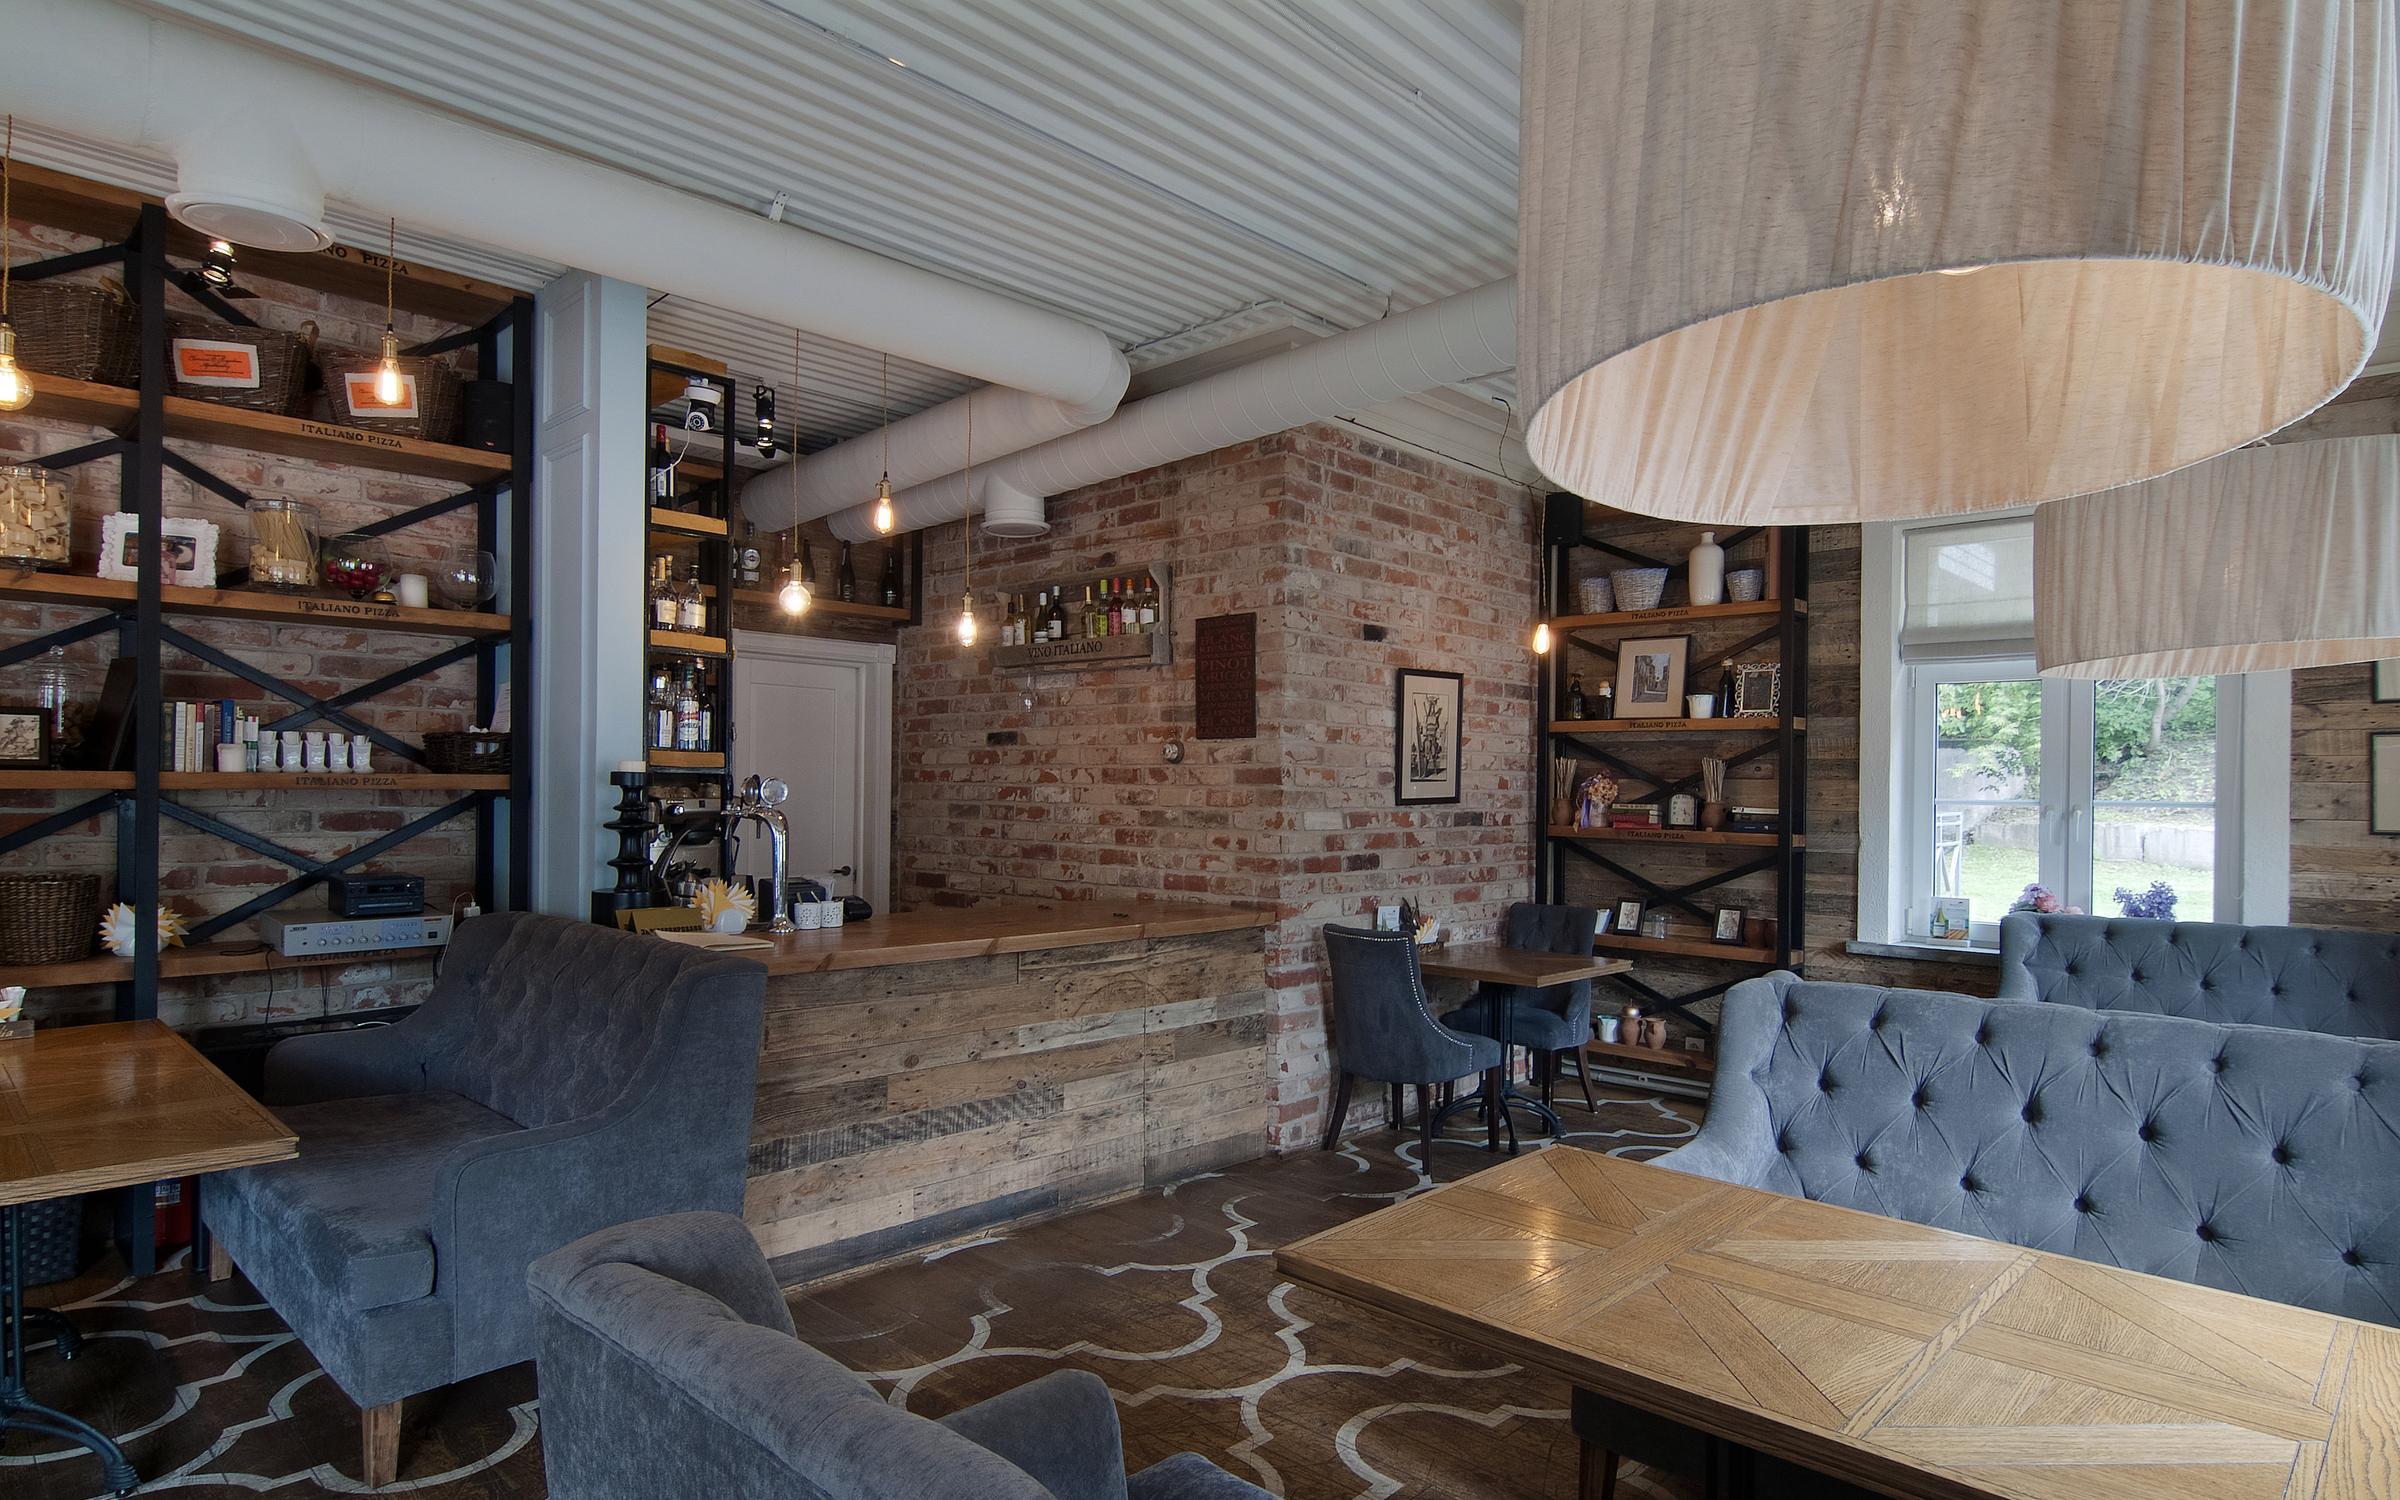 фотография Ресторана cafe Sicilia на Ярославской улице